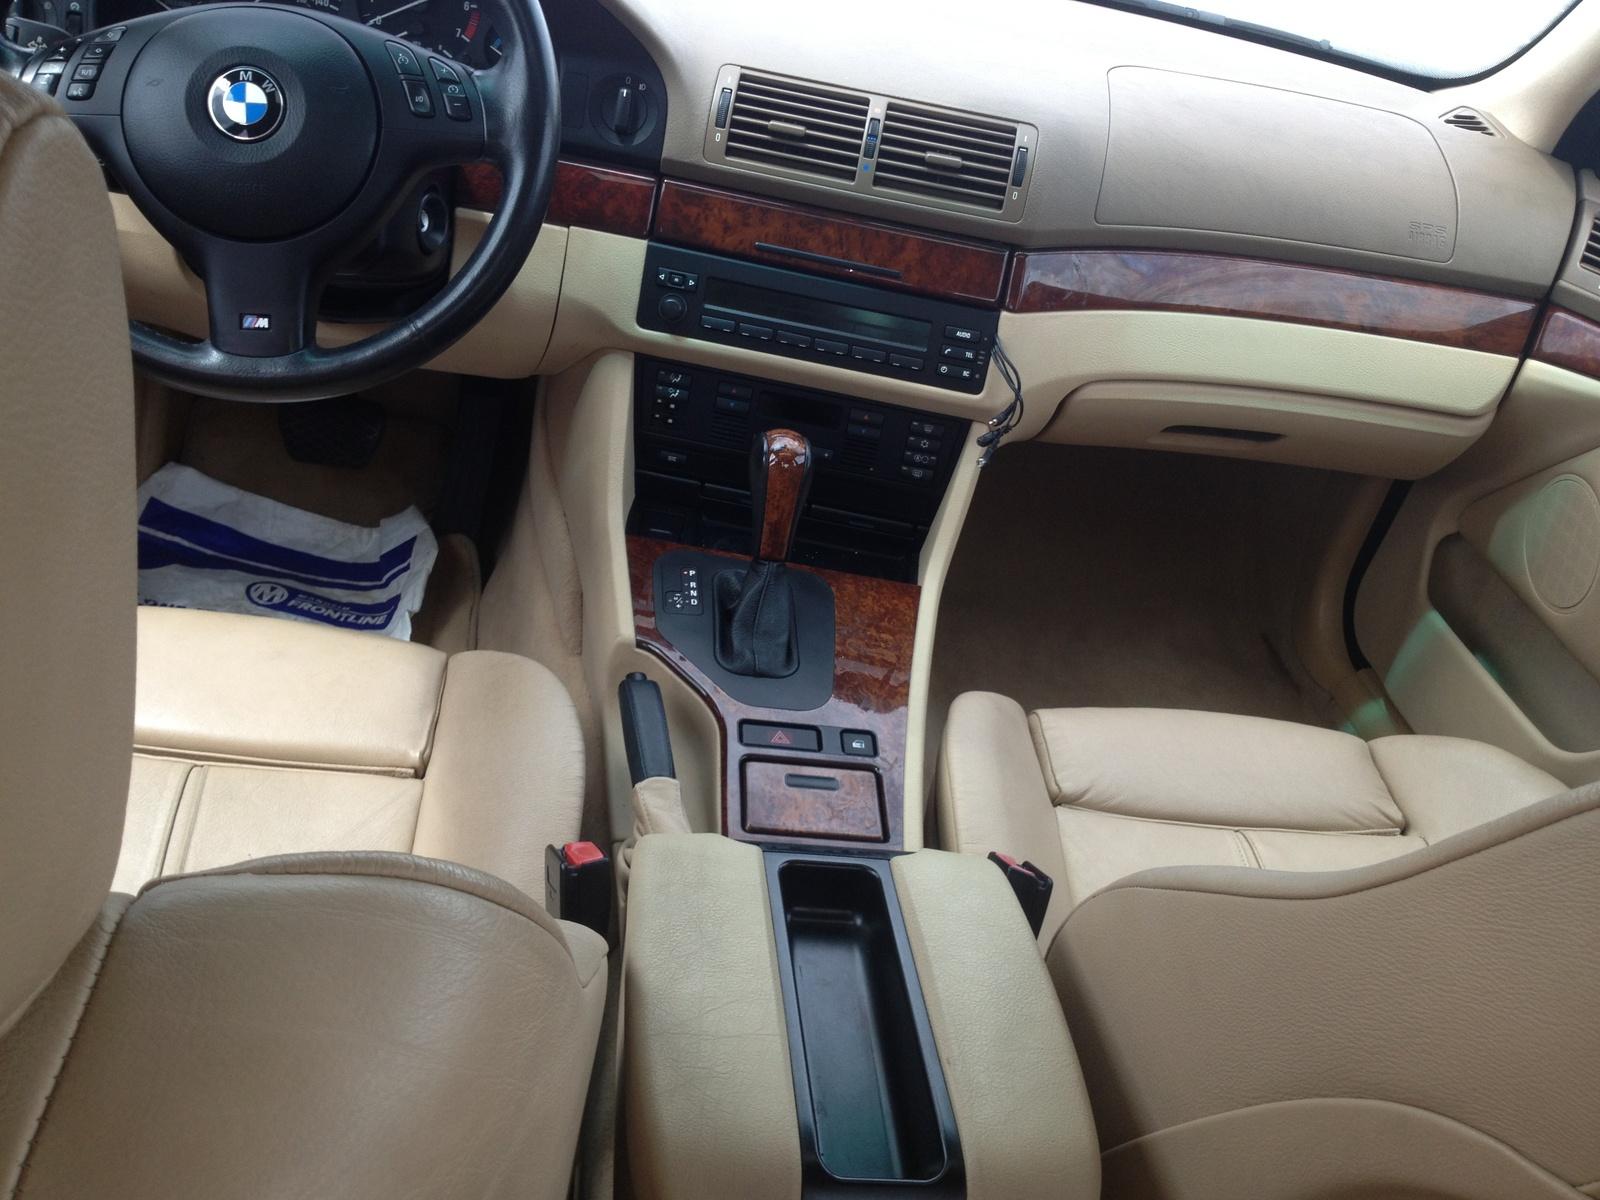 2003 Bmw 5 Series Interior Pictures Cargurus